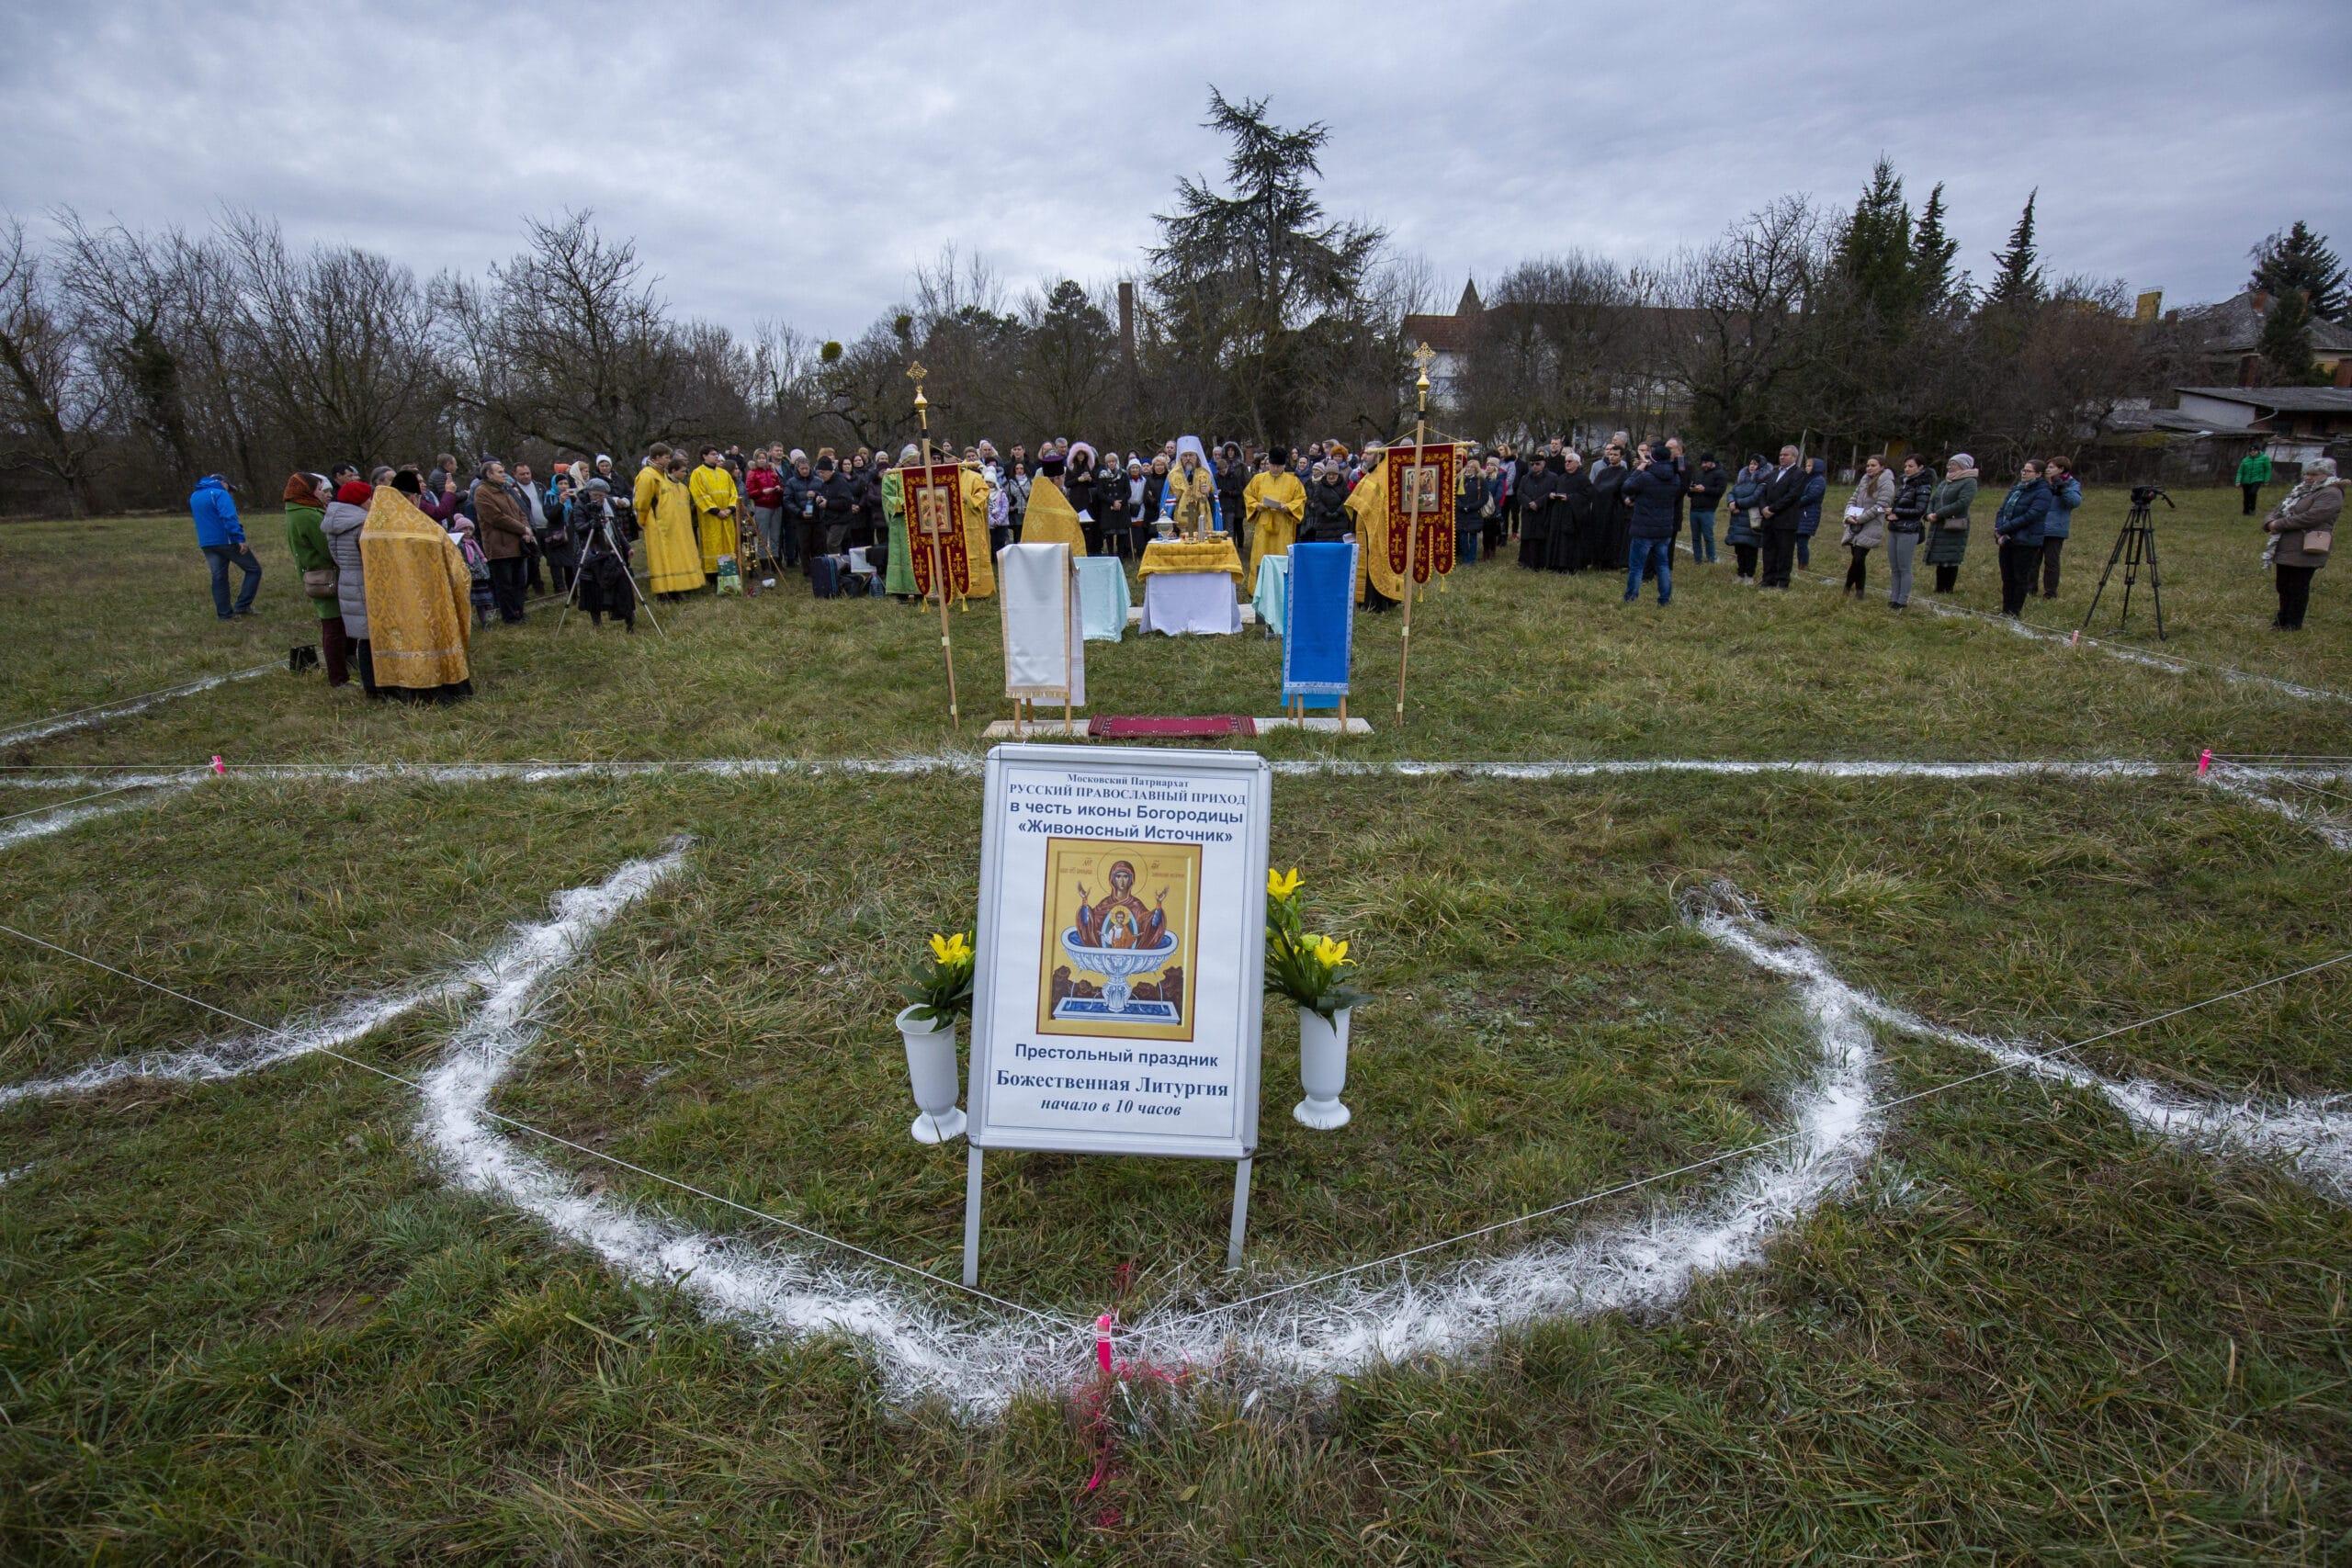 Egy év alatt épül fel a hagymakupolás ortodox templom Hévízen (képek az alapkőletételről)